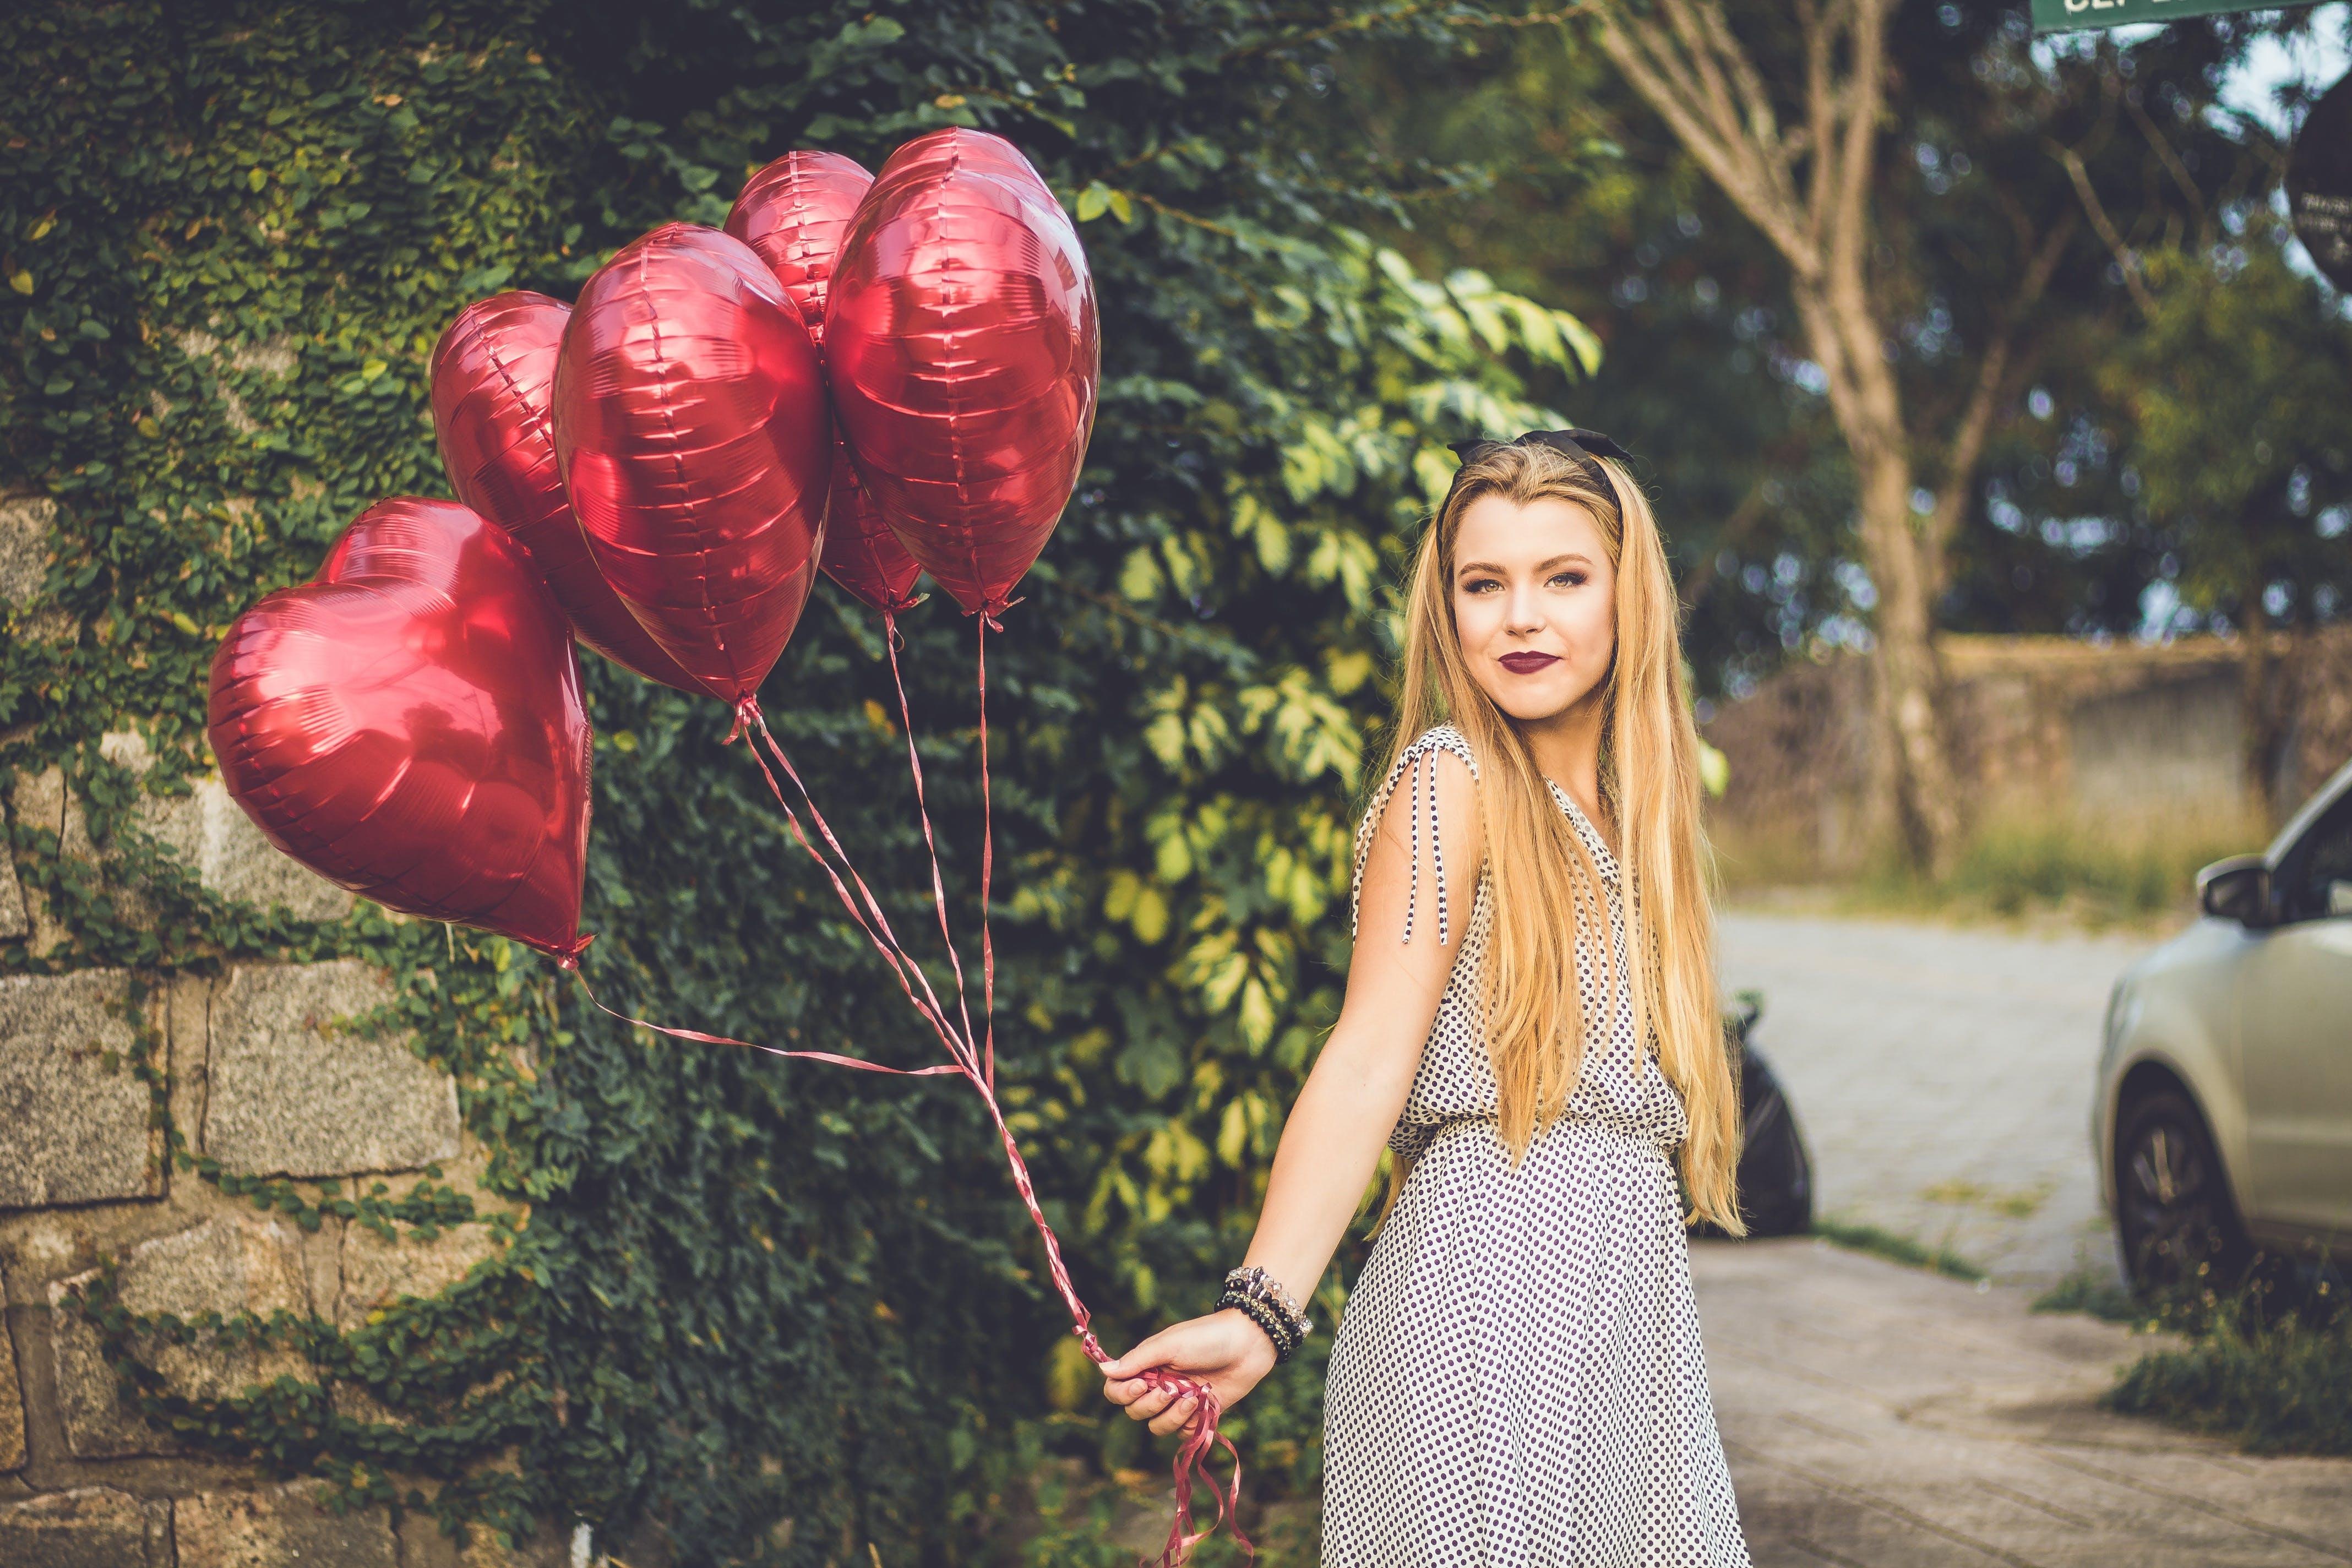 Gratis arkivbilde med ballonger, fotoseanse, glede, hage